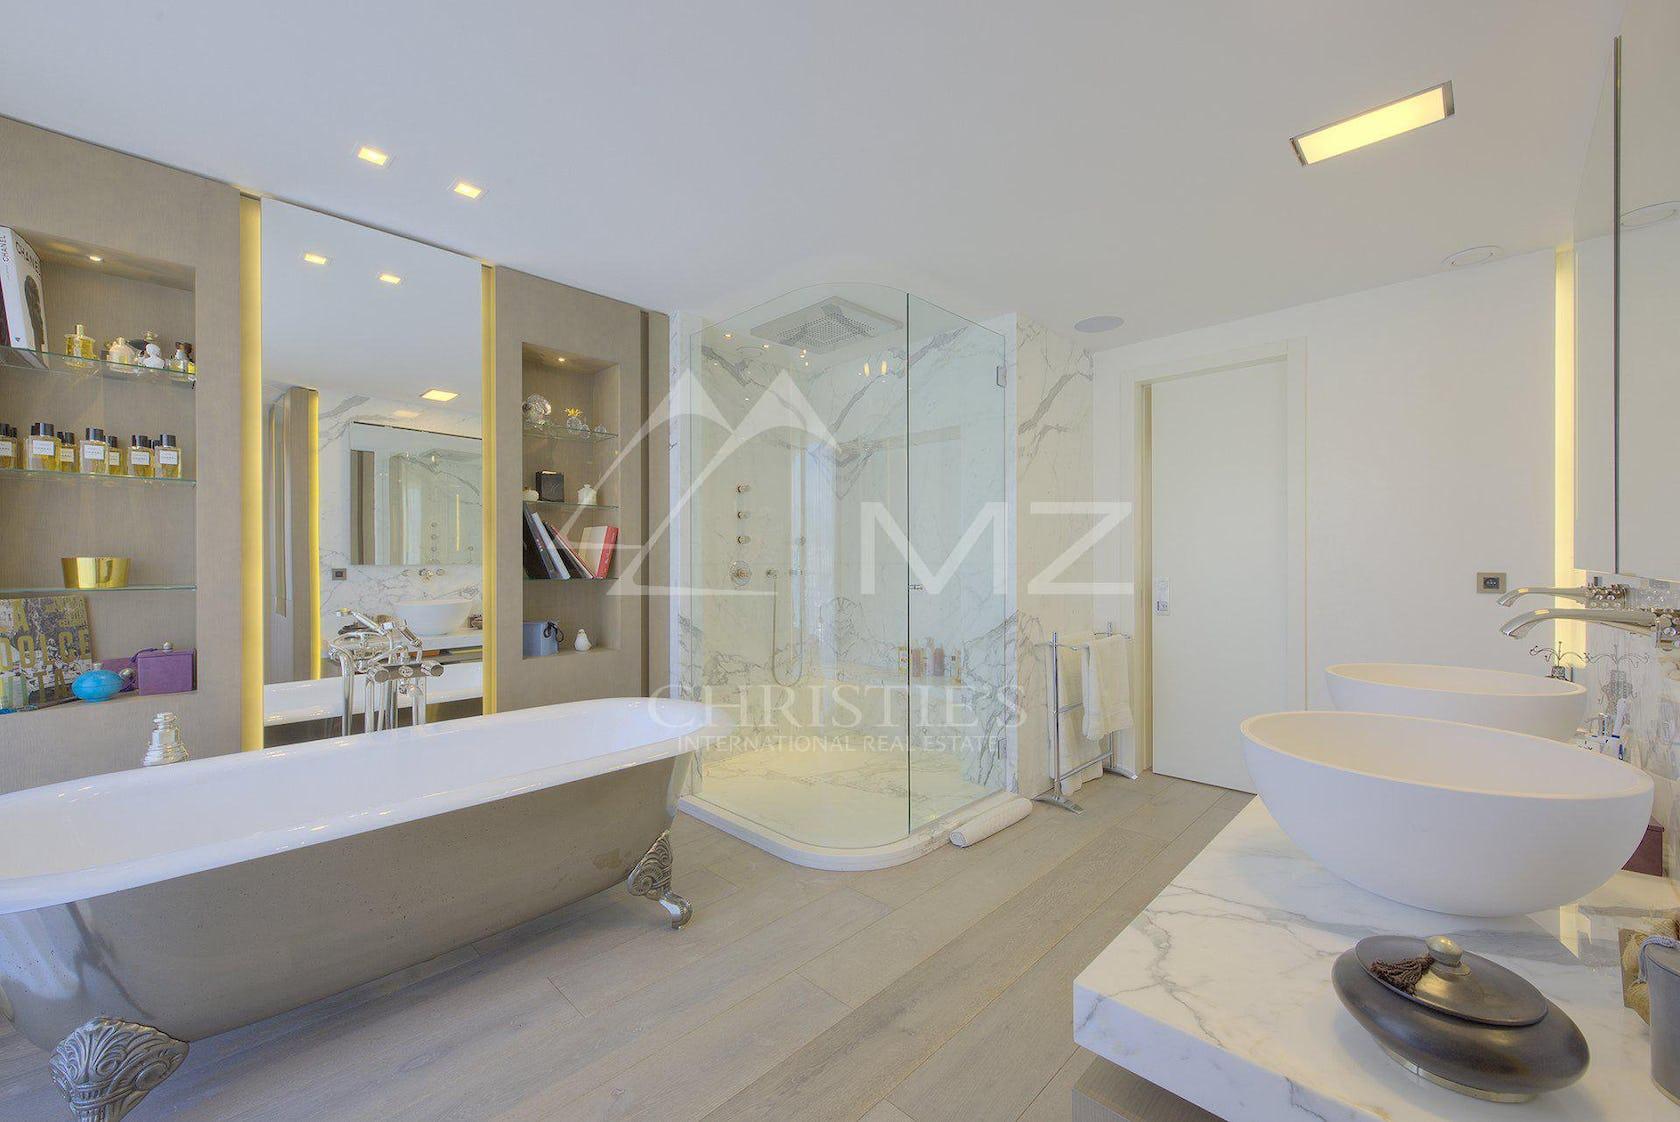 bathtub tub flooring interior design indoors floor room